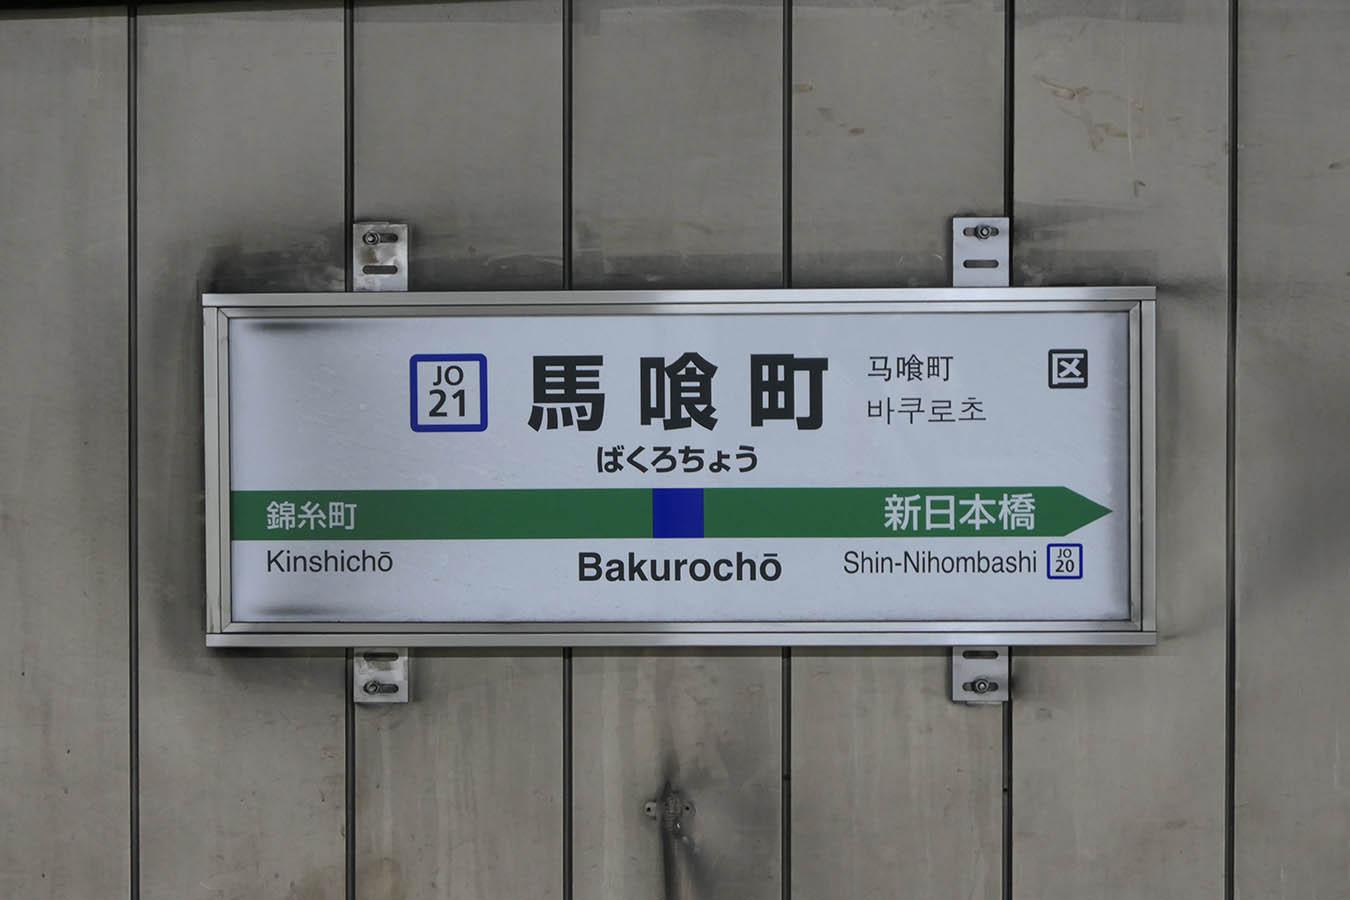 JO21_photo07.jpg